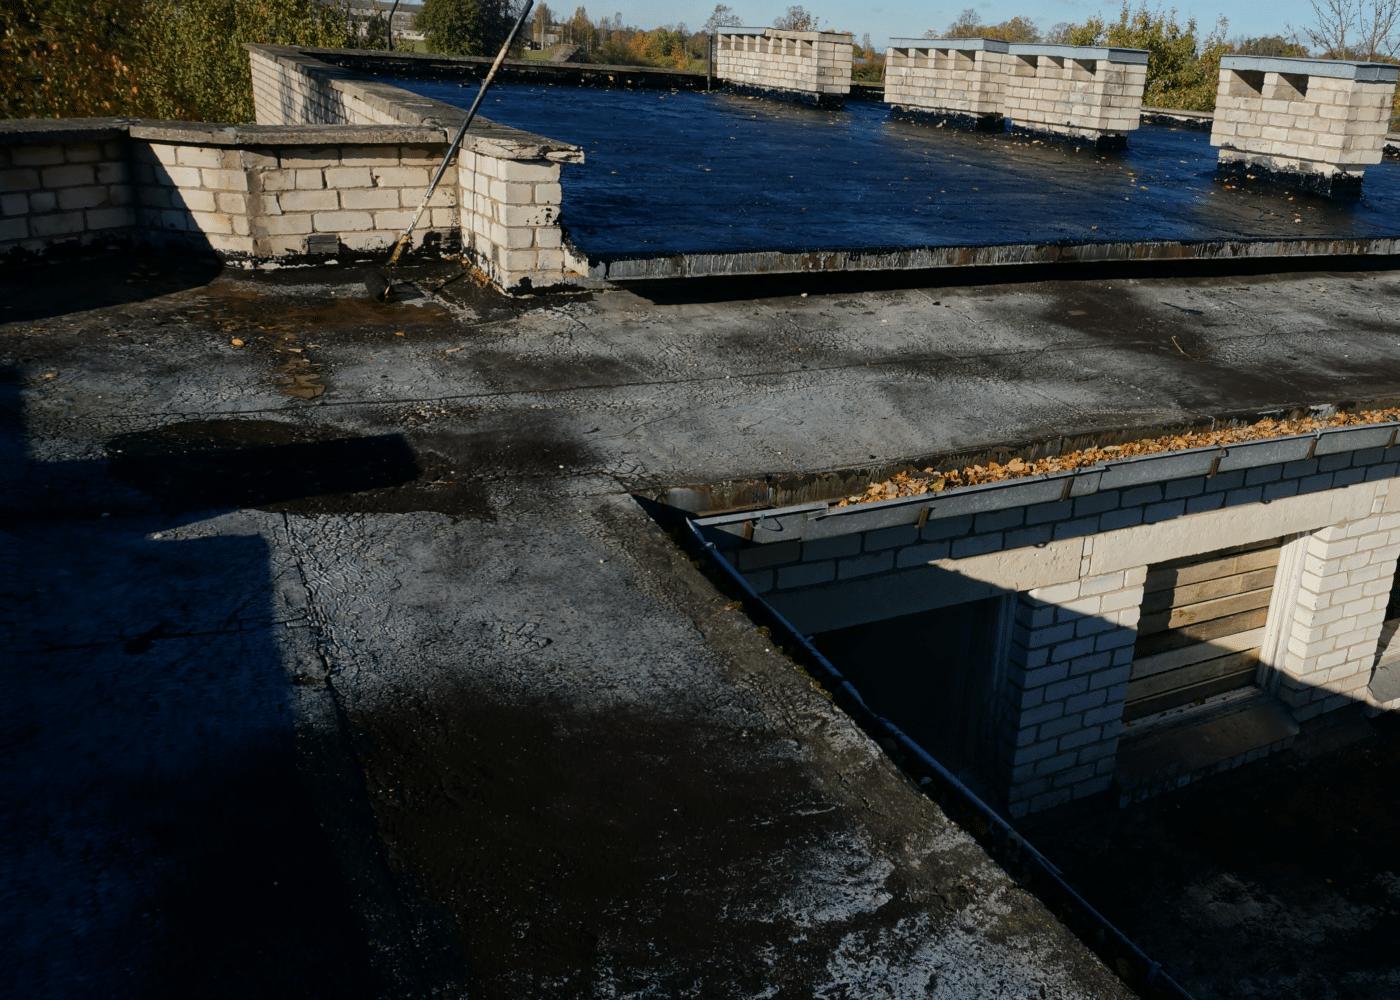 Jumta remonta materiāli